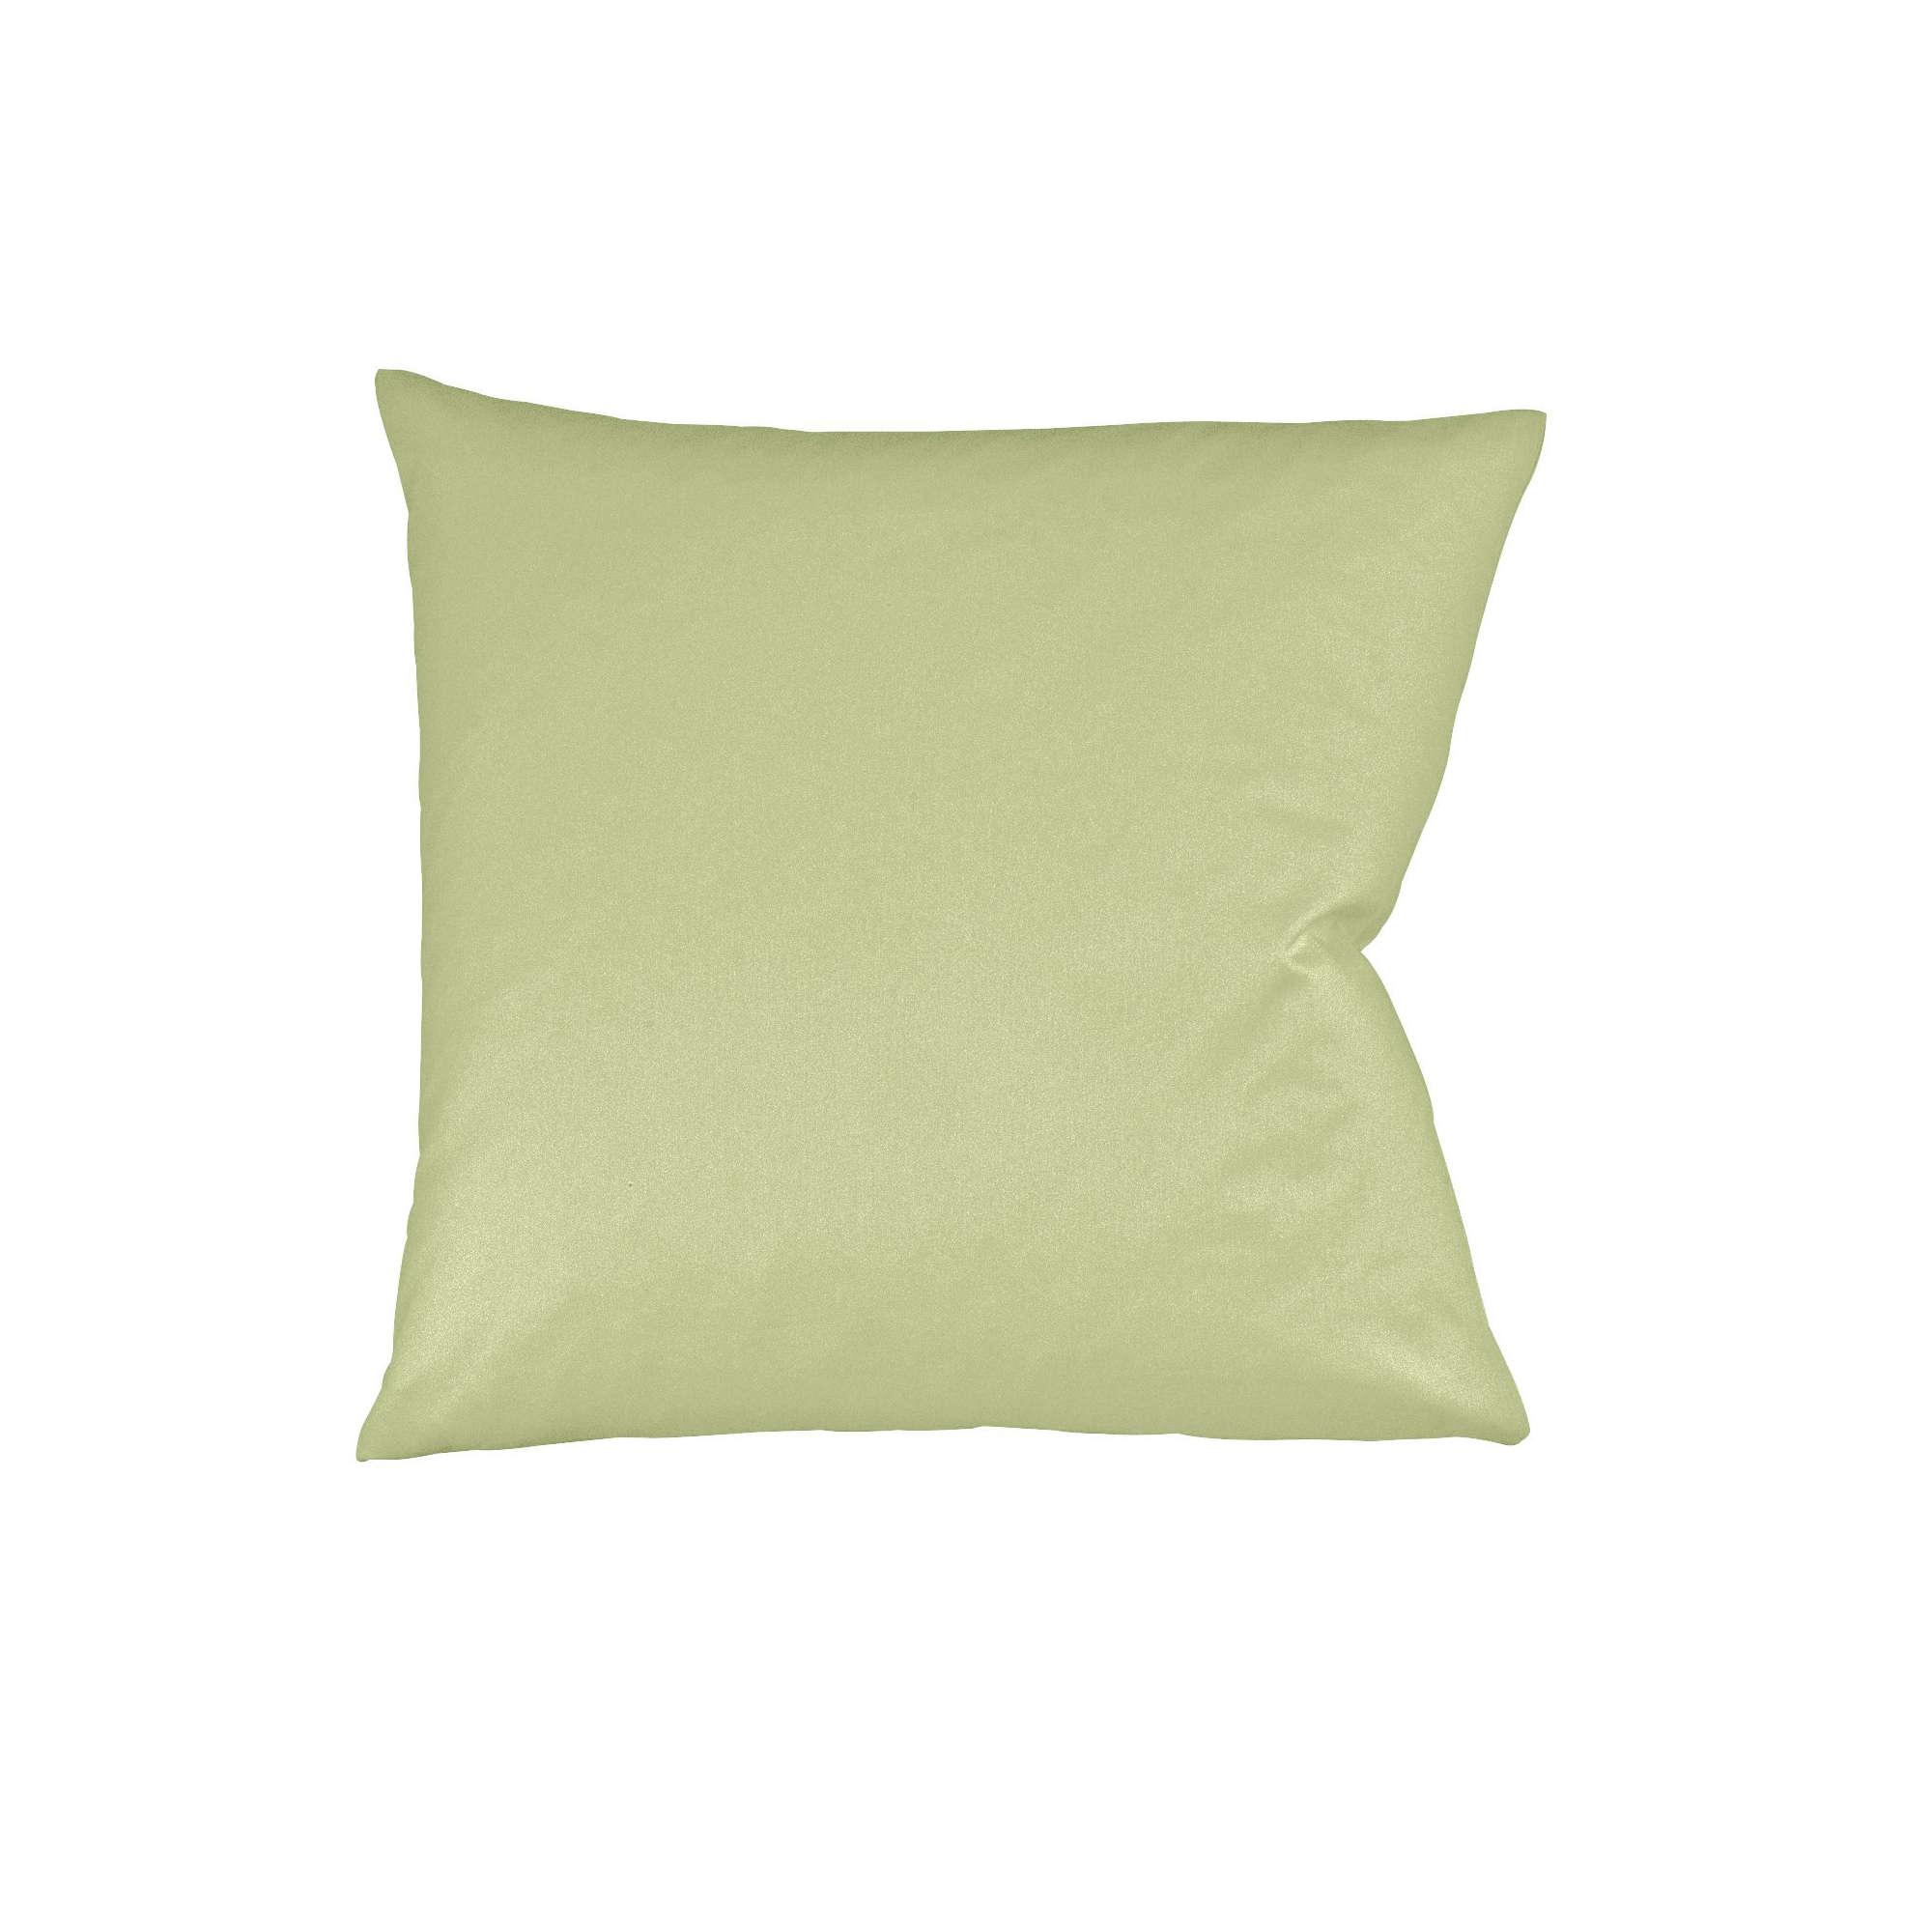 erwin m ller kissenbezug biber ebay. Black Bedroom Furniture Sets. Home Design Ideas